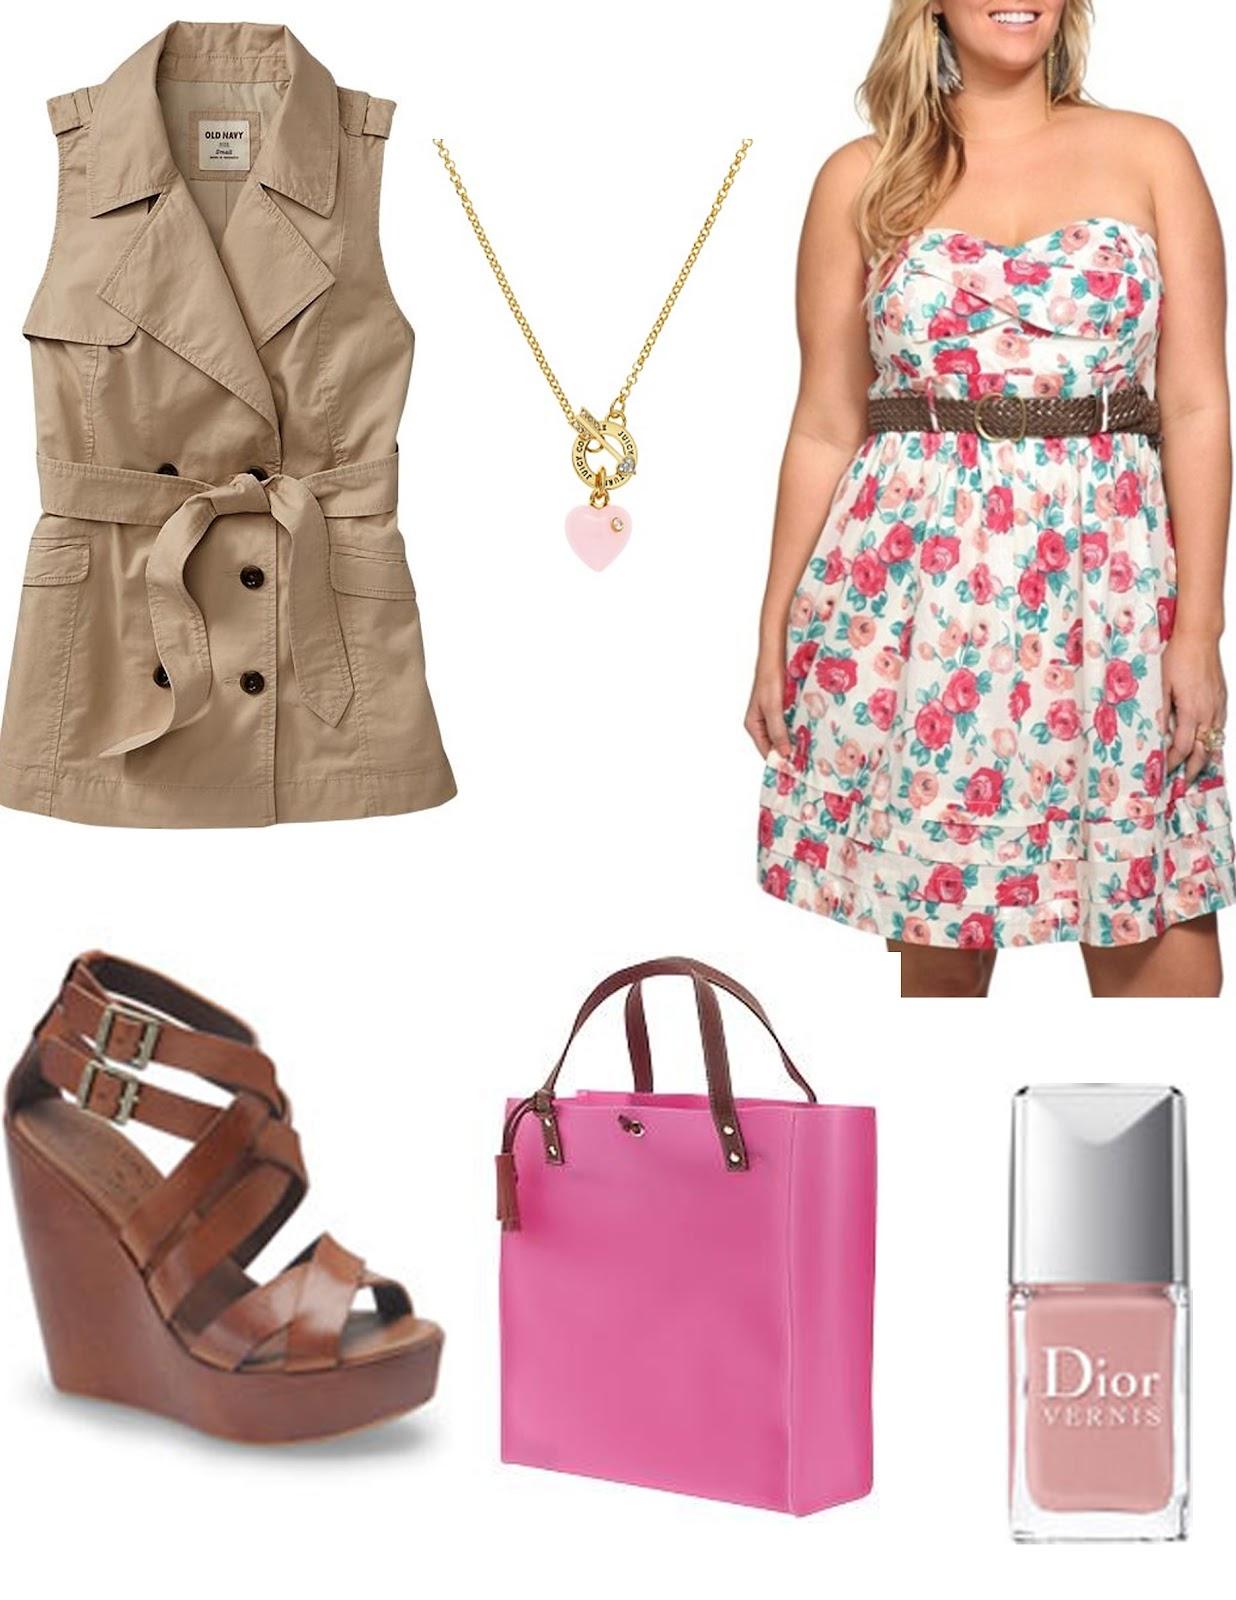 r-pink-light-dress-zprint-floral-belt-tan-vest-trench-brown-shoe-sandalw-pink-magenta-bag-necklace-tank-wear-style-fashion-spring-summer-safari-wedges-lunch.jpg